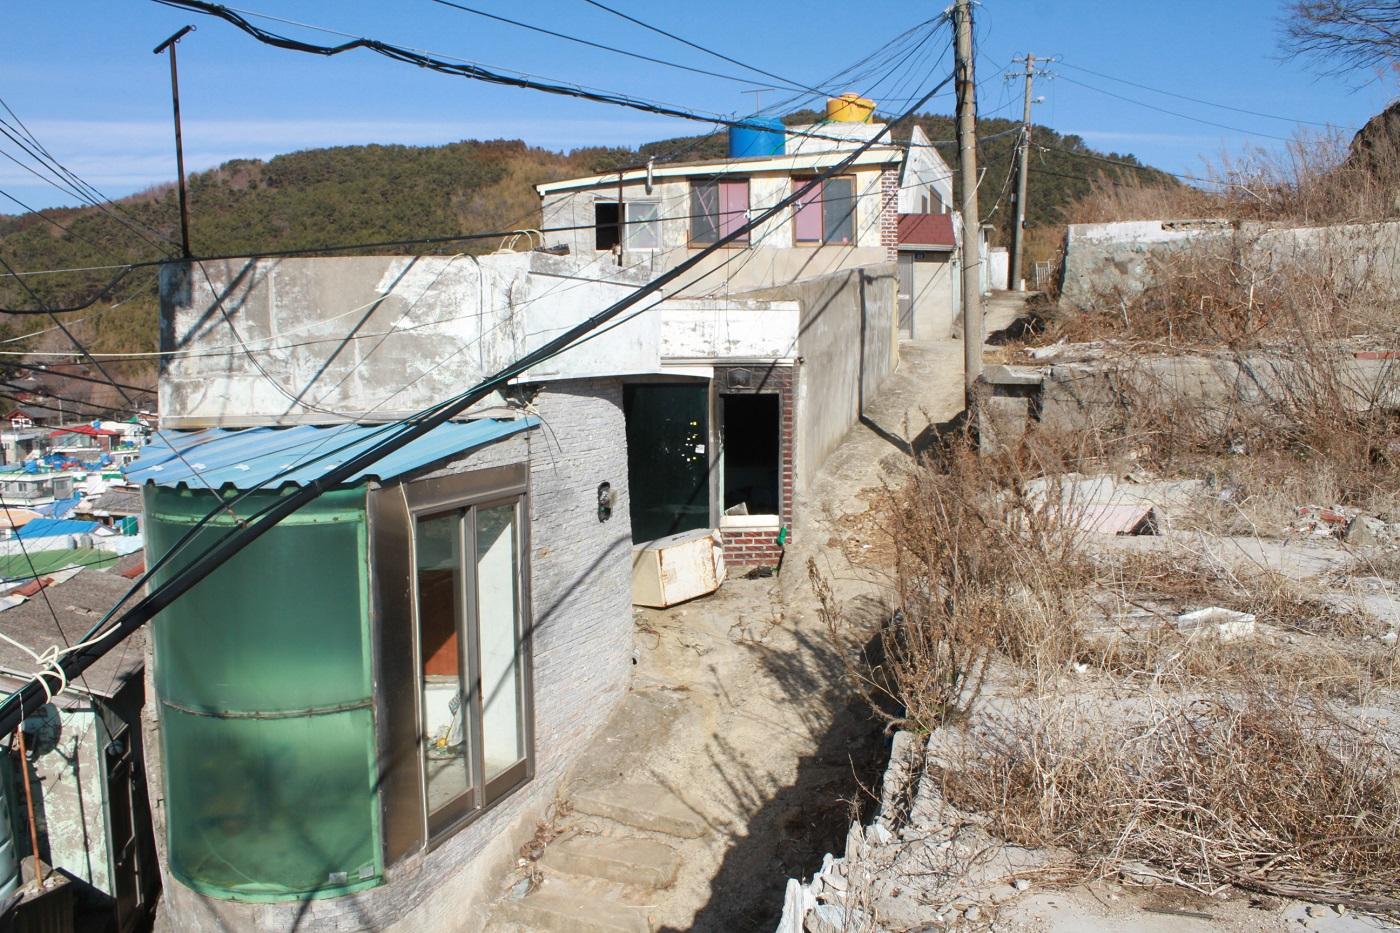 서피랑 정비 전에 남아 있던 야마호텔의 일부 건물들 ©김상현 제공